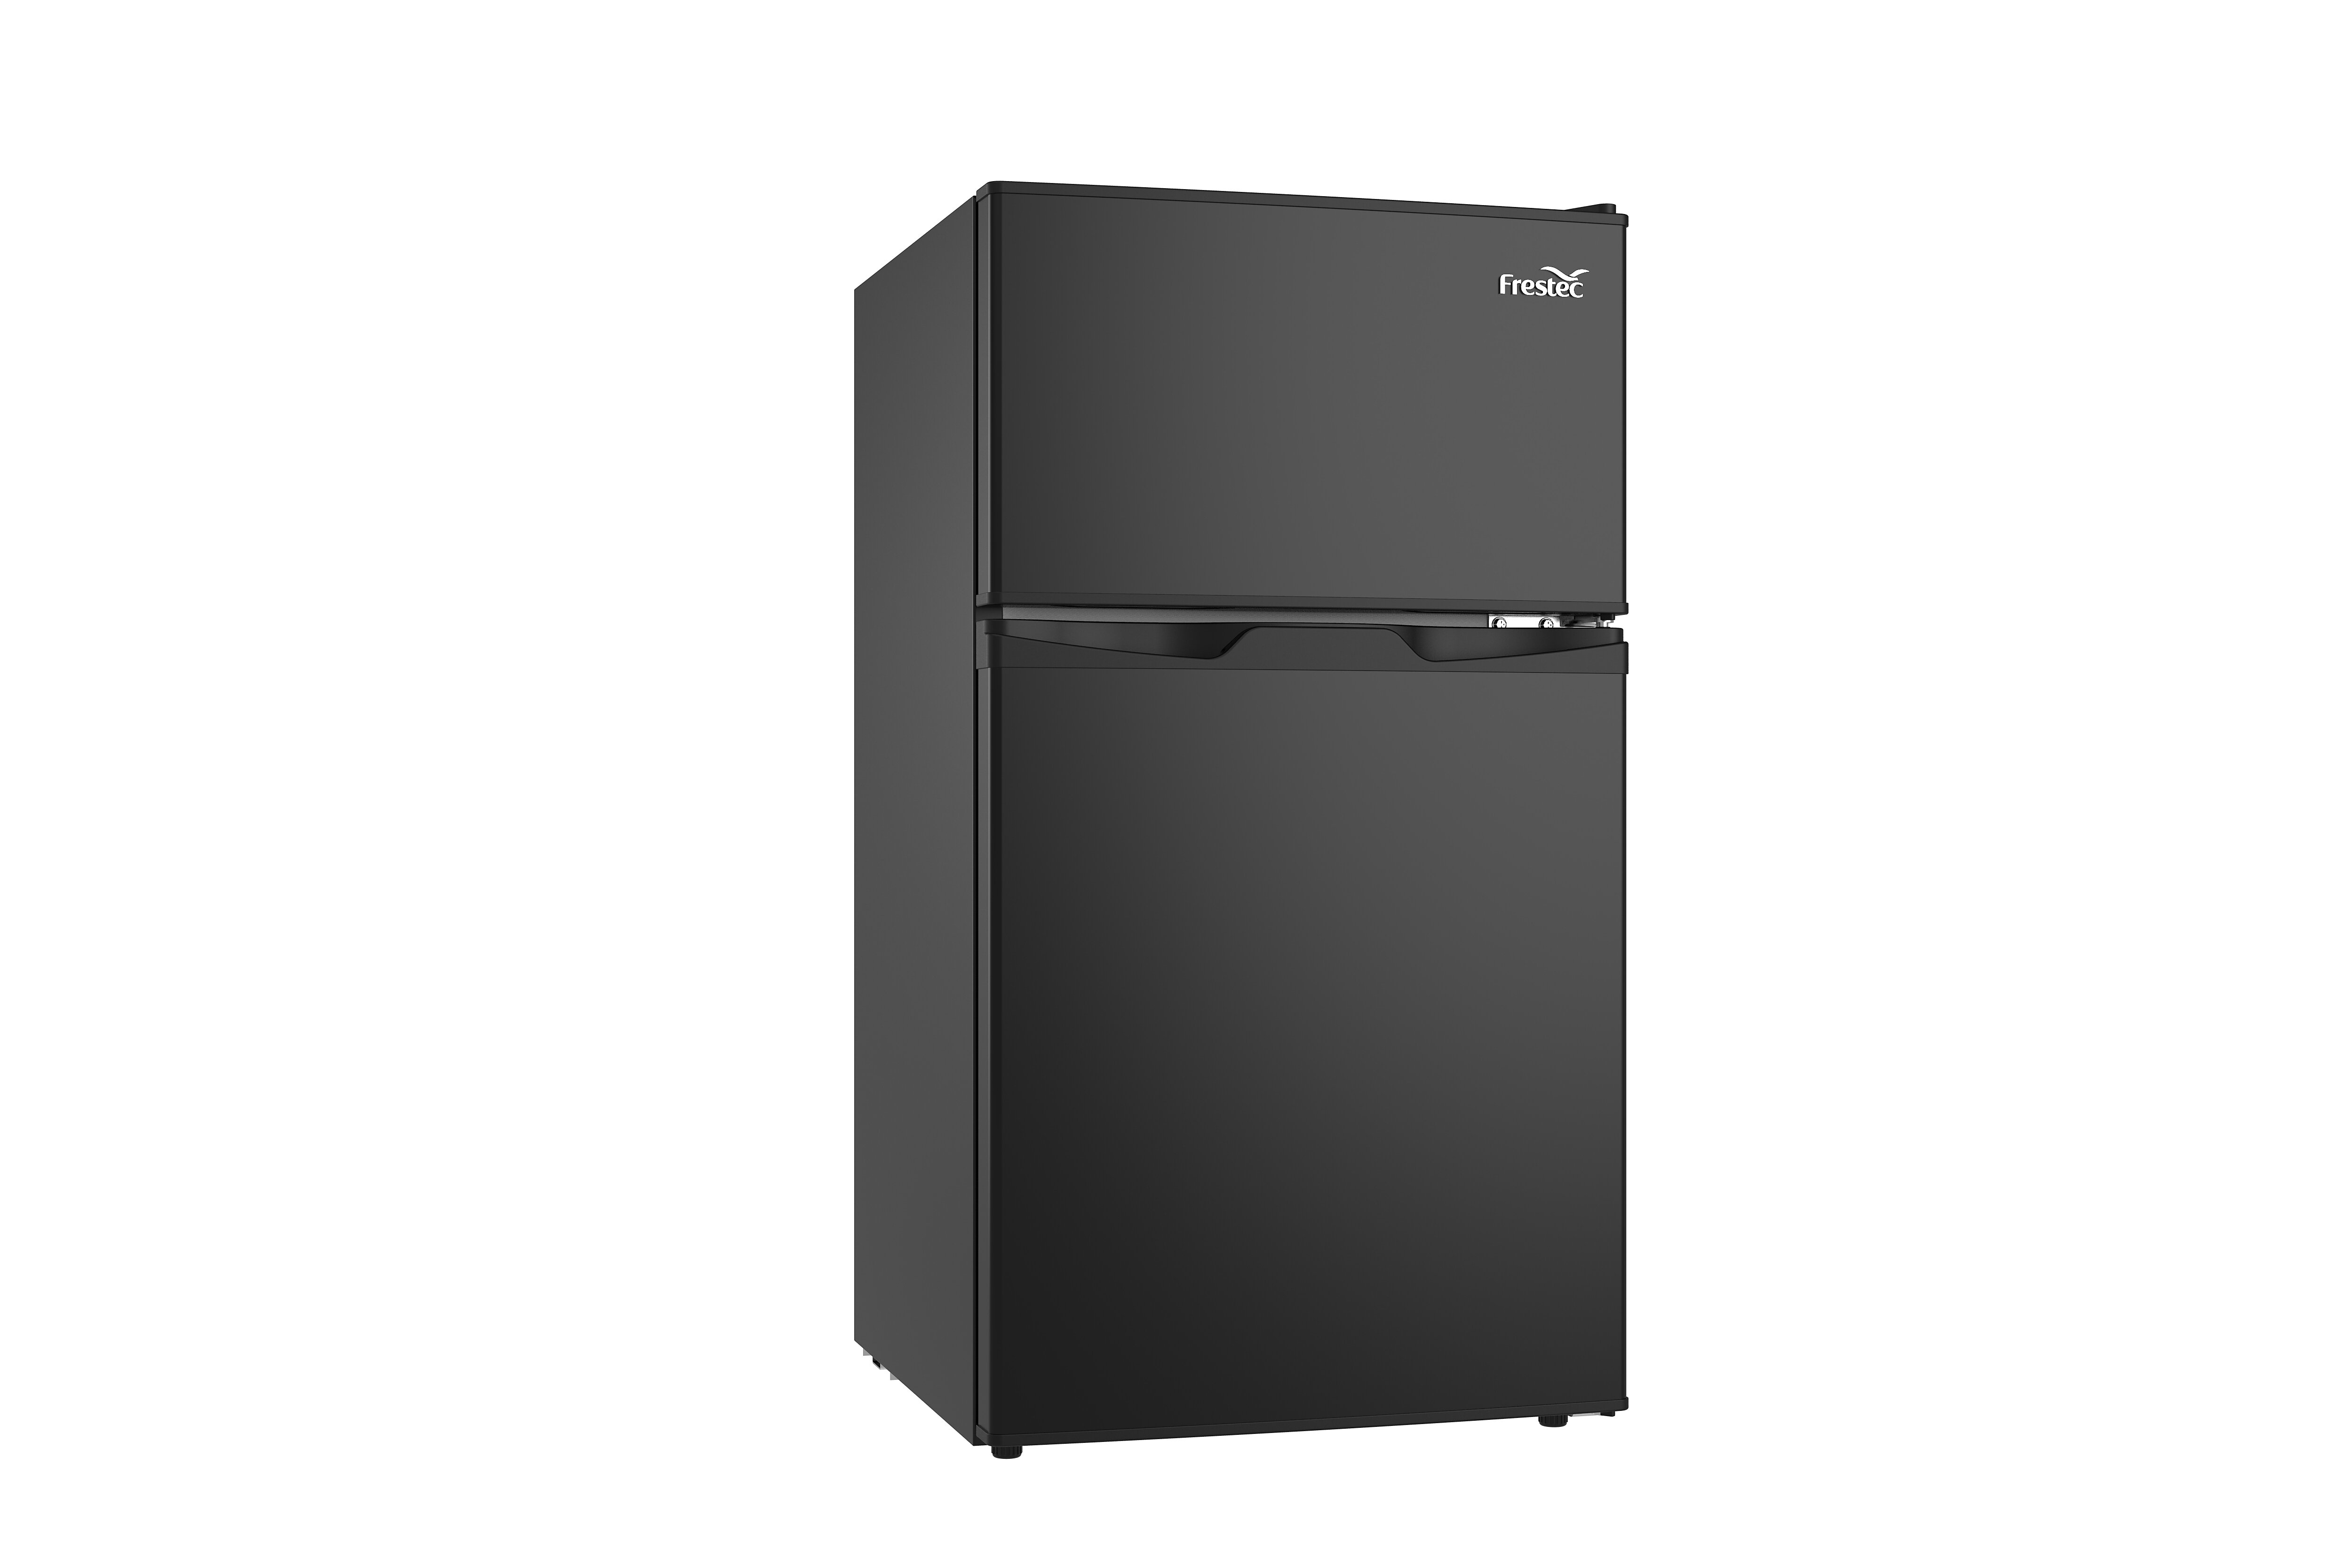 Gojooasis Mini Refrigerator Wayfair